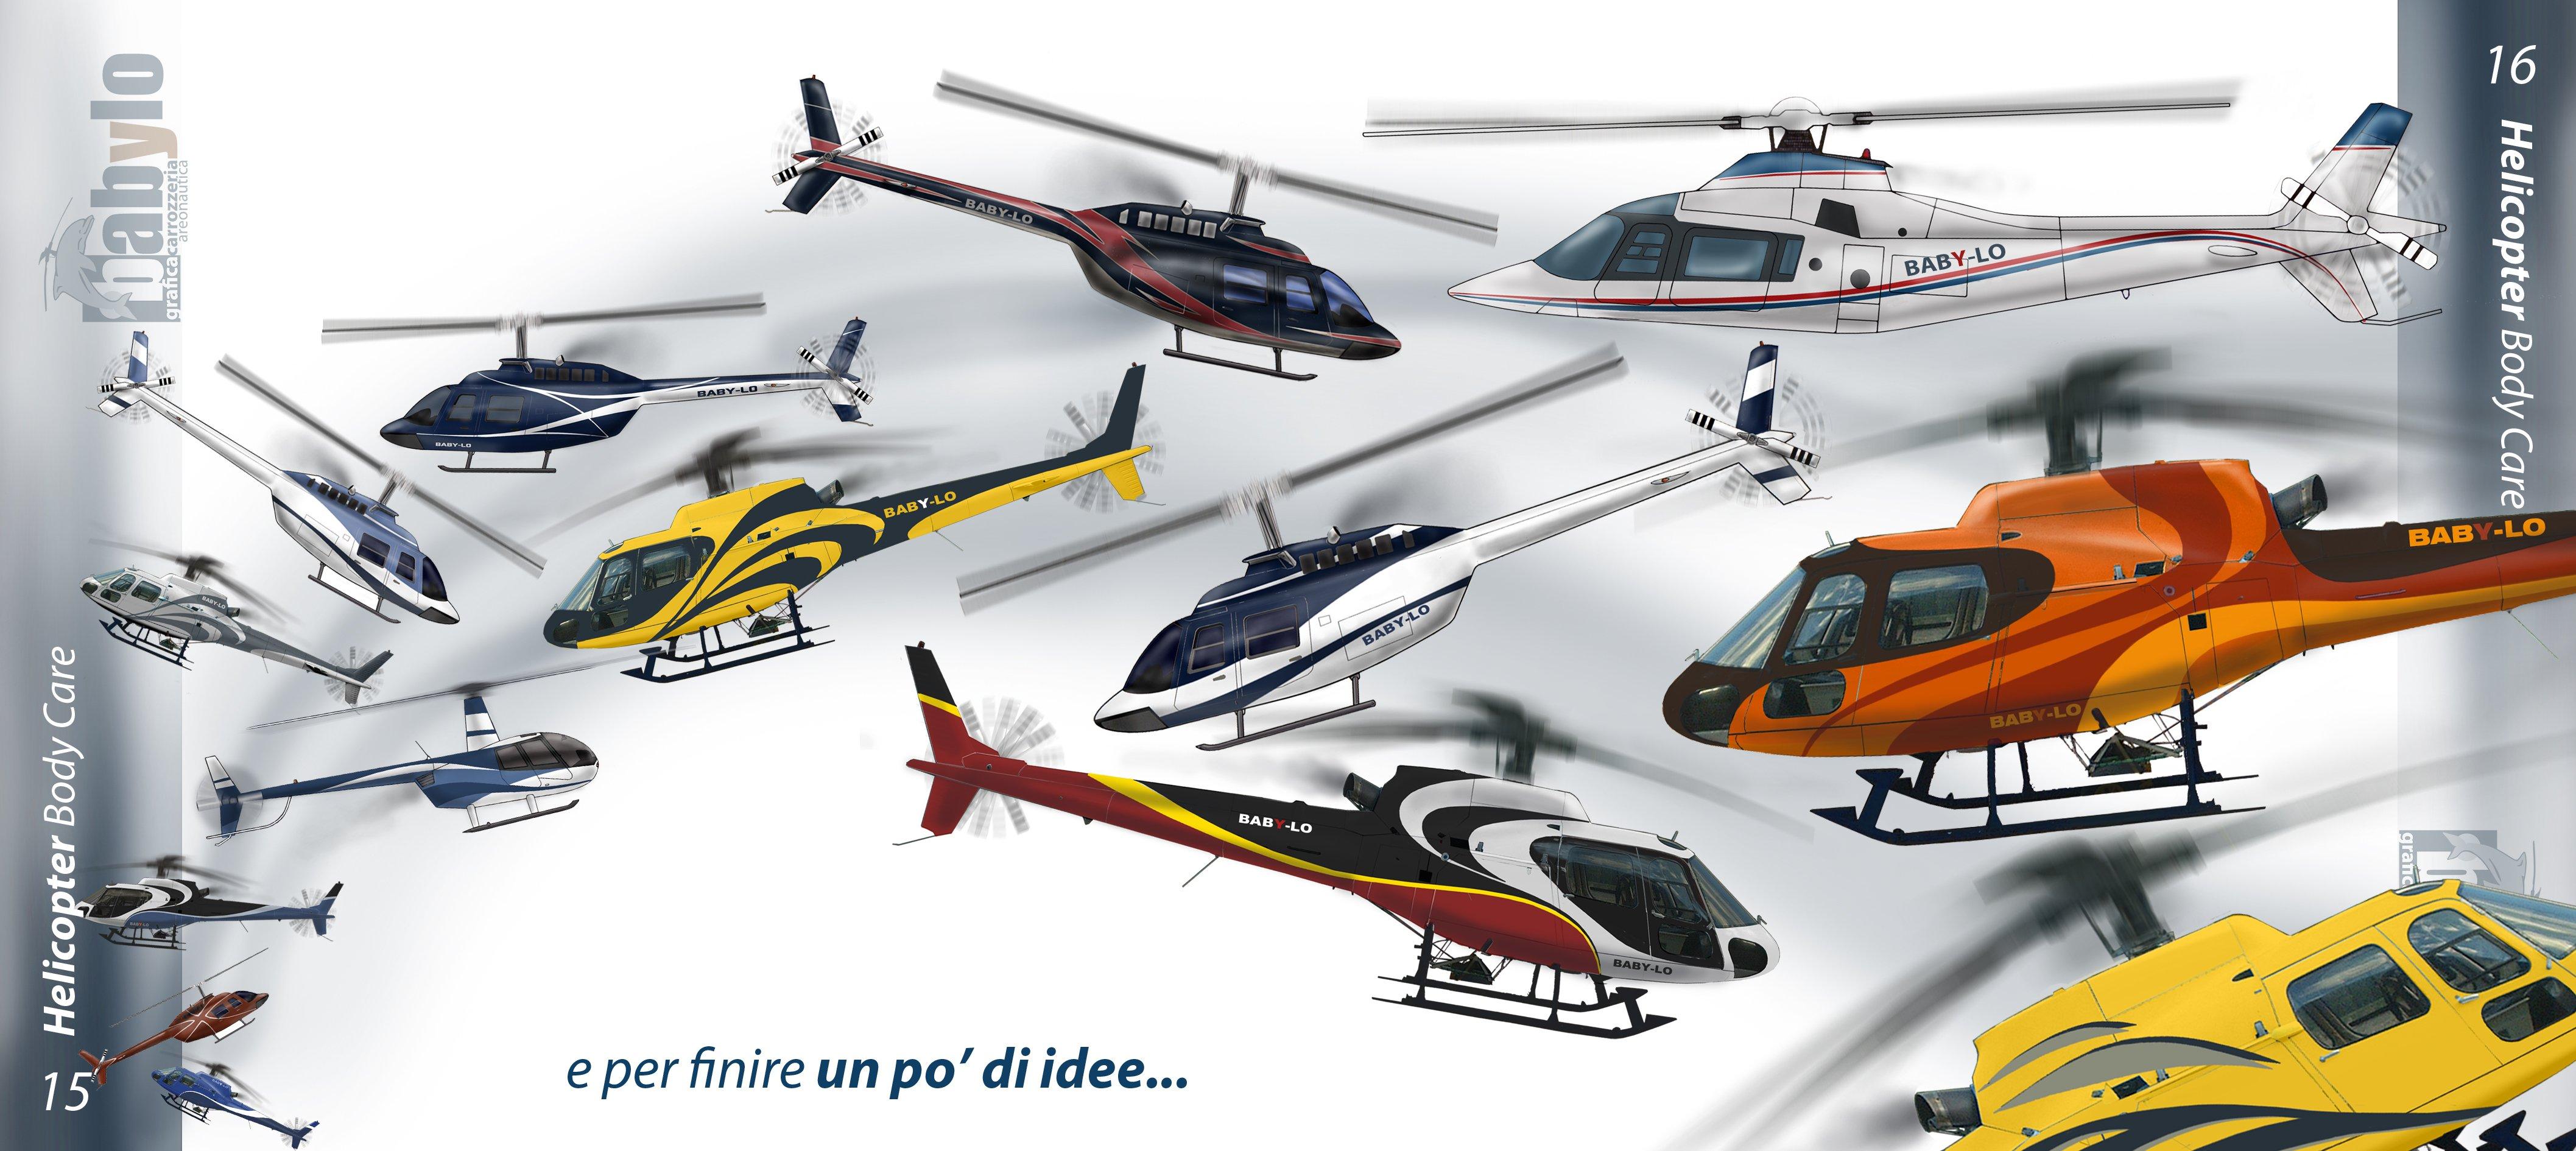 elicotteri per finire un po' di idee